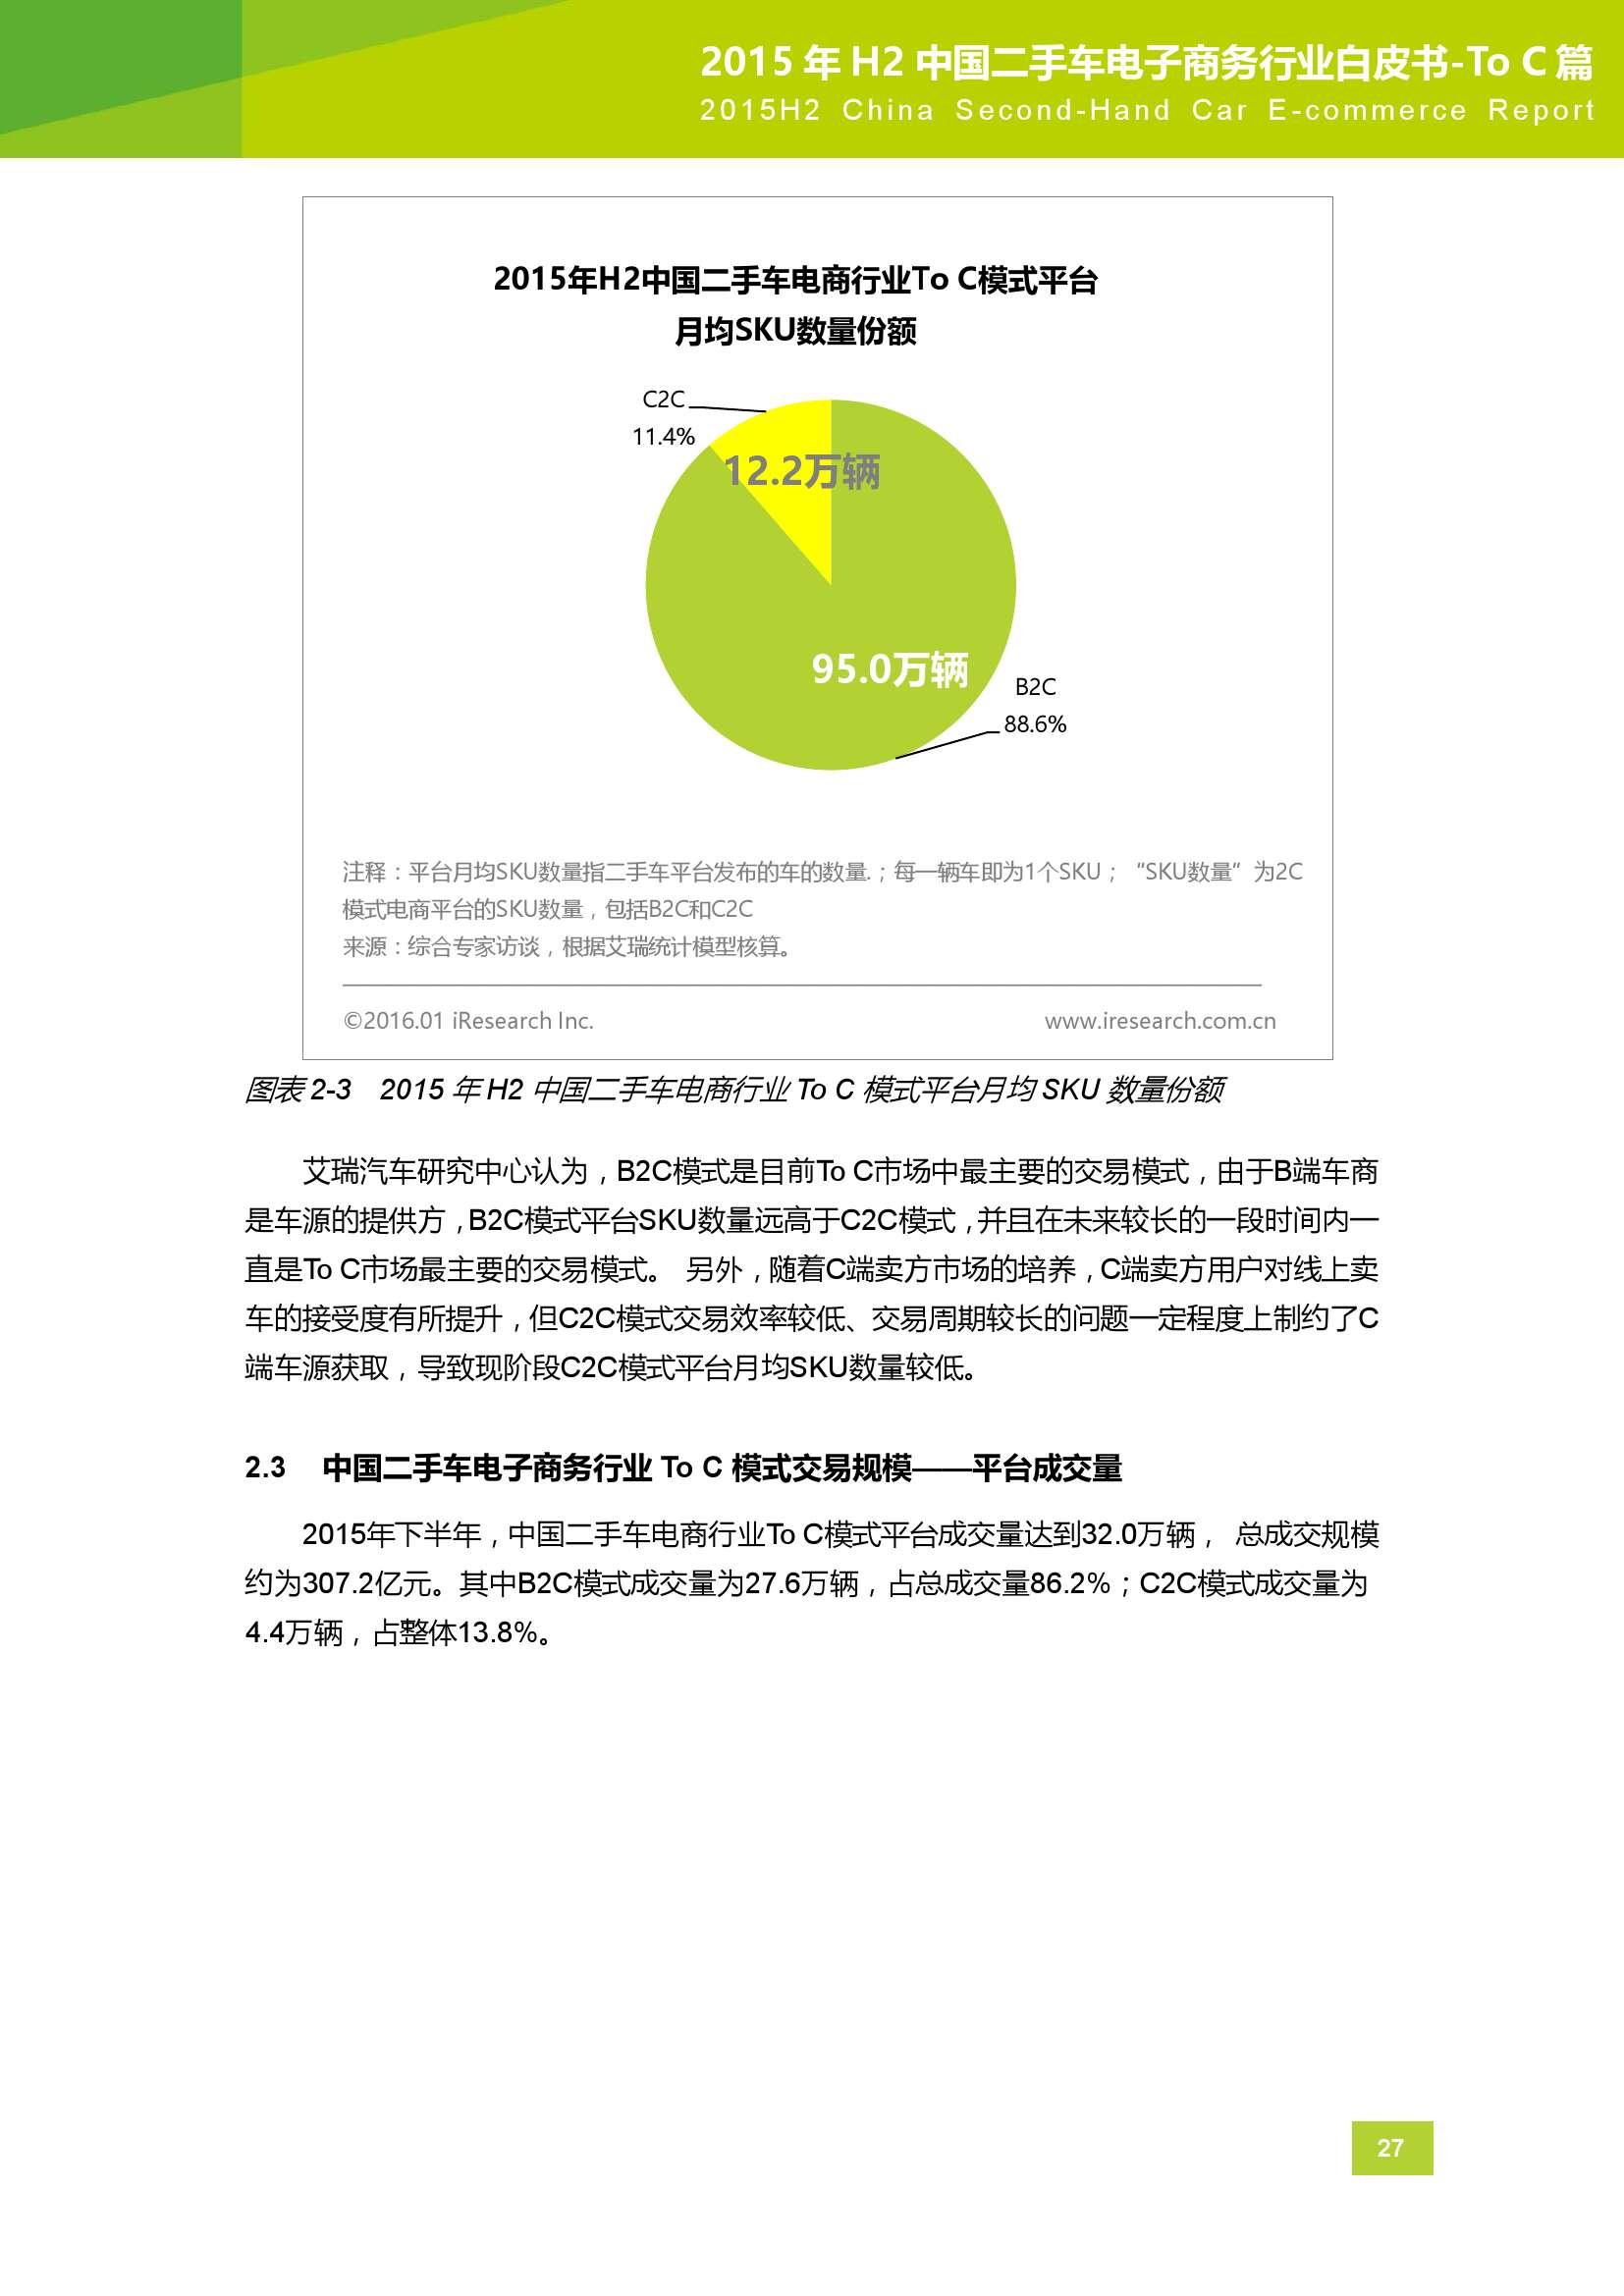 2015年H2中国二手车电子商务行业白皮书_000027